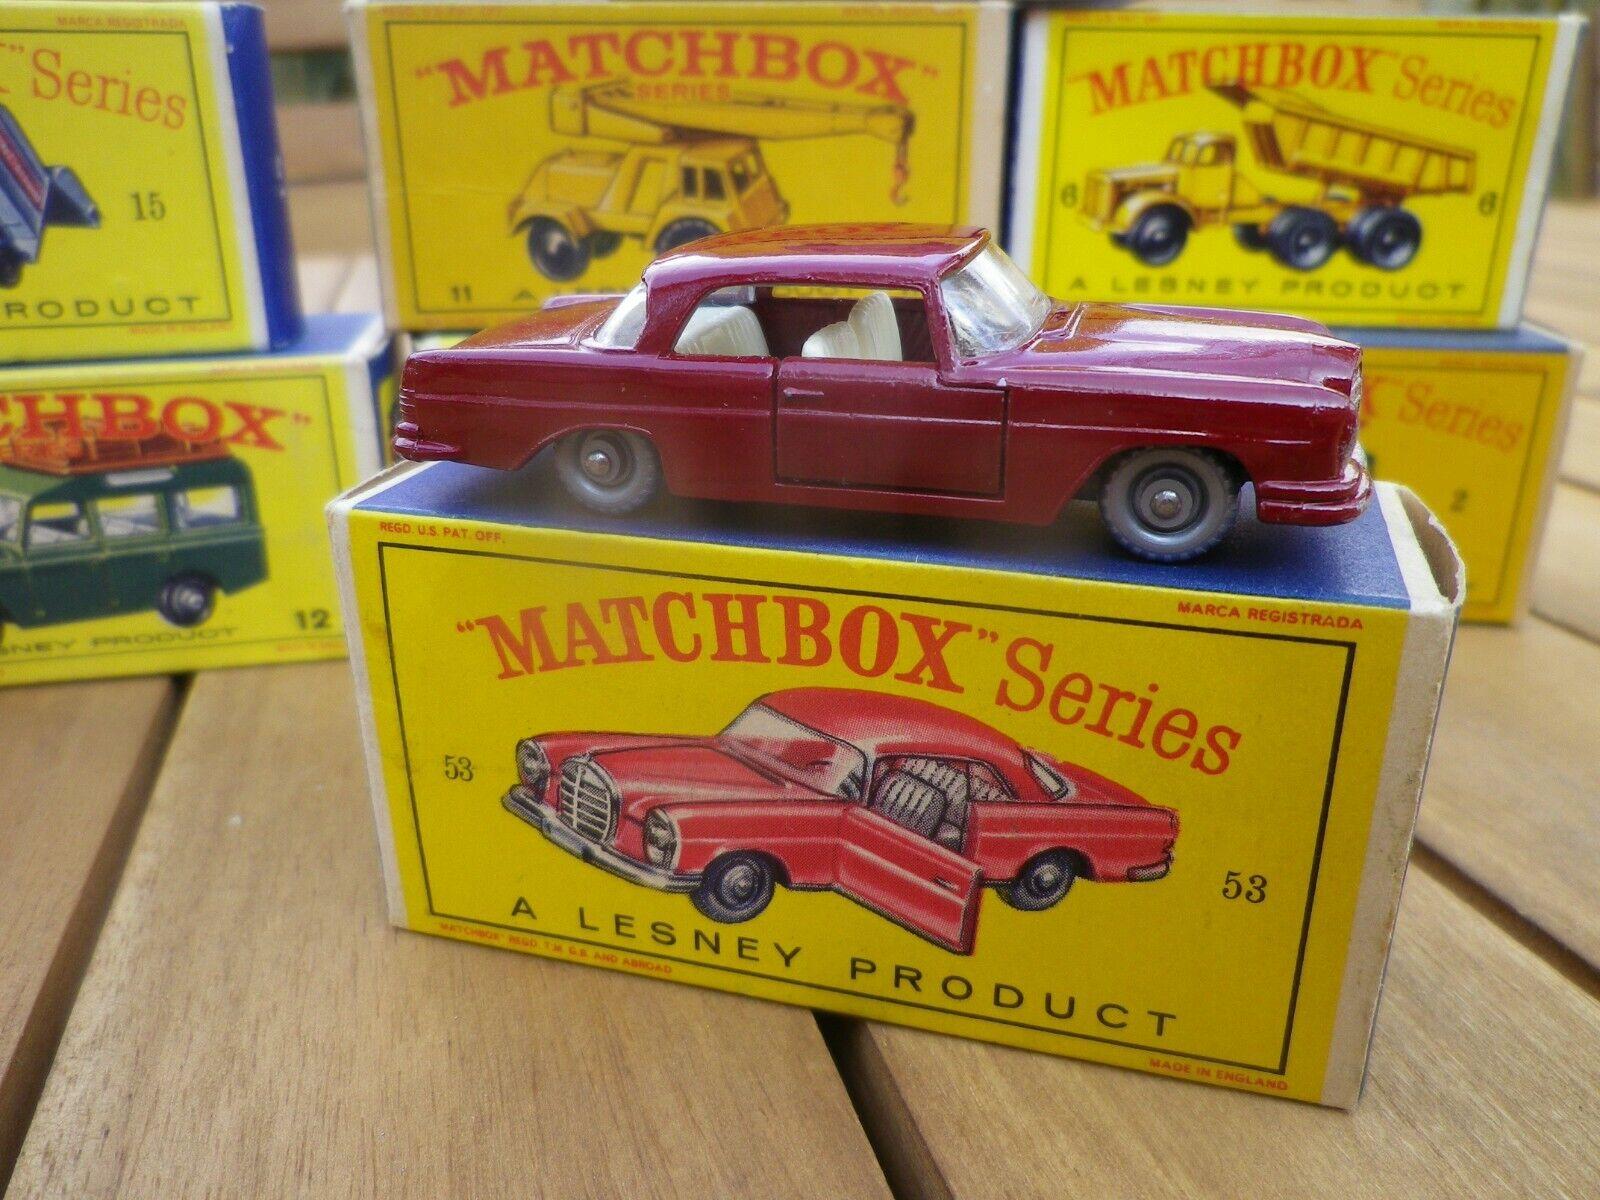 Matchscatola lesney 53 mercedes ruote di plastica argentoata nuove in scatola originale tipo d1